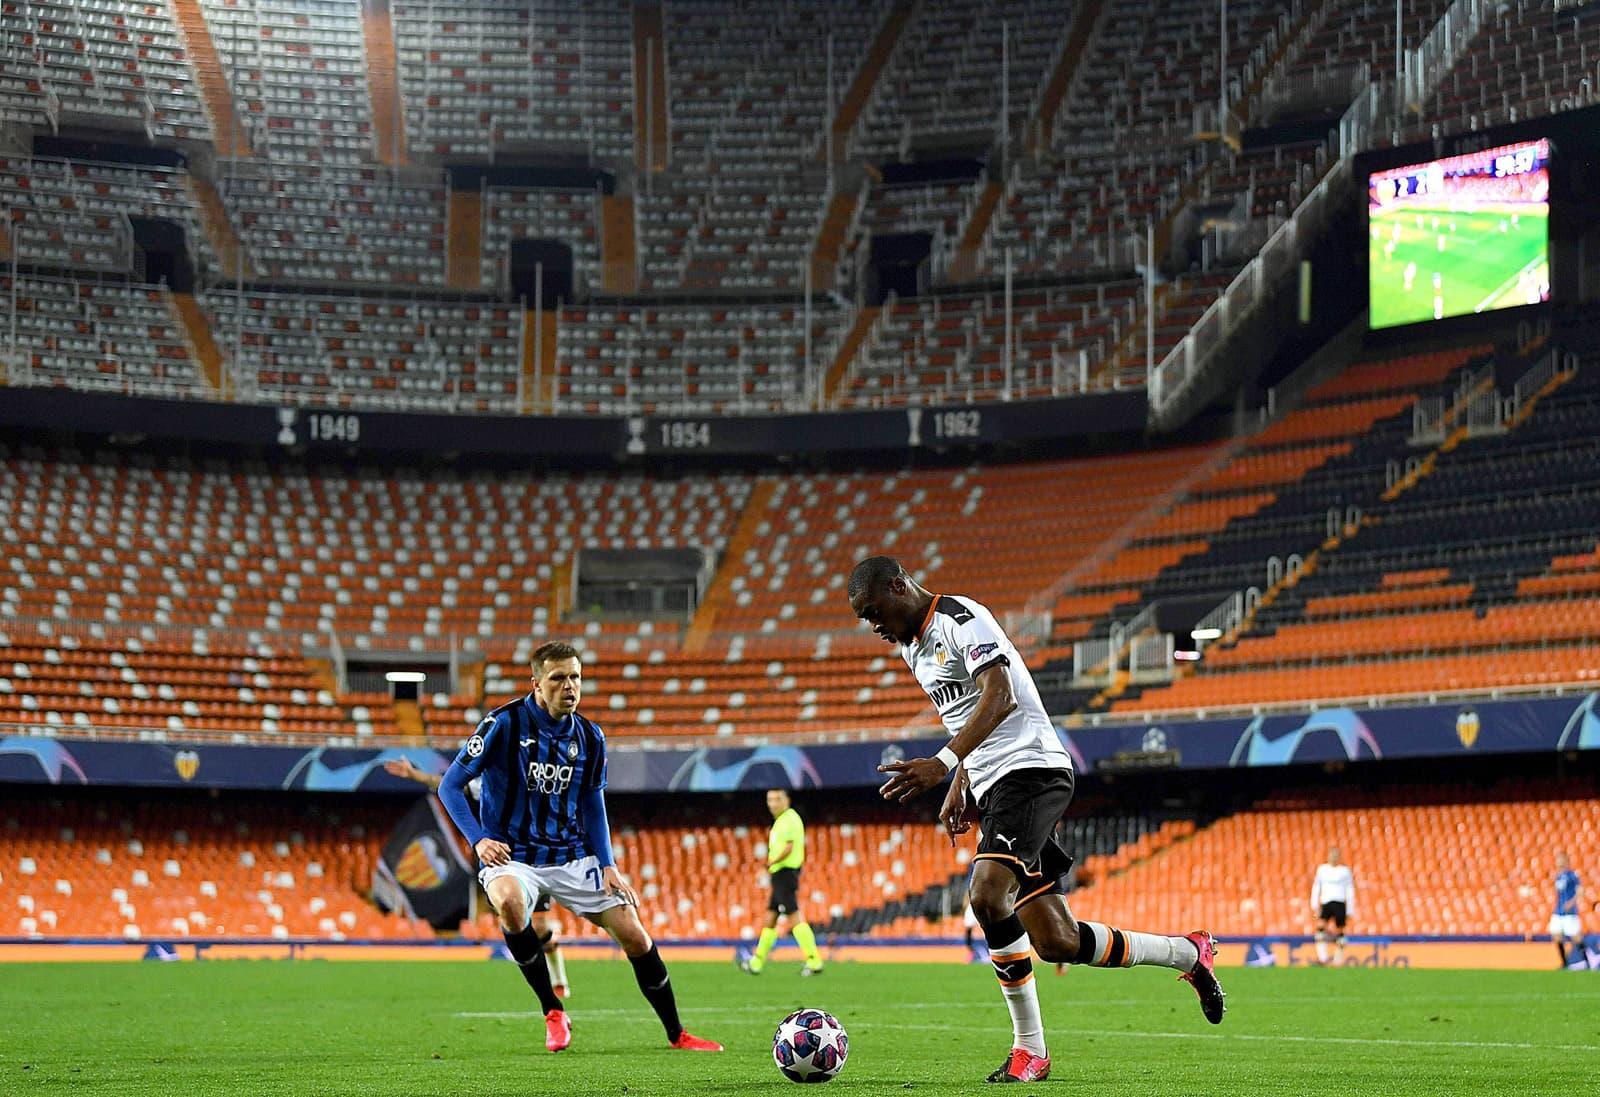 Partit de Champions League entre el València i l'Atalanta, a porta tancada per la crisi del coronavirus, el 20 de març, a Mestalla. En la foto, Ilicic, de l'equip italià, i Kondogbia, del València. Fotografia d'Efe. UEFA.